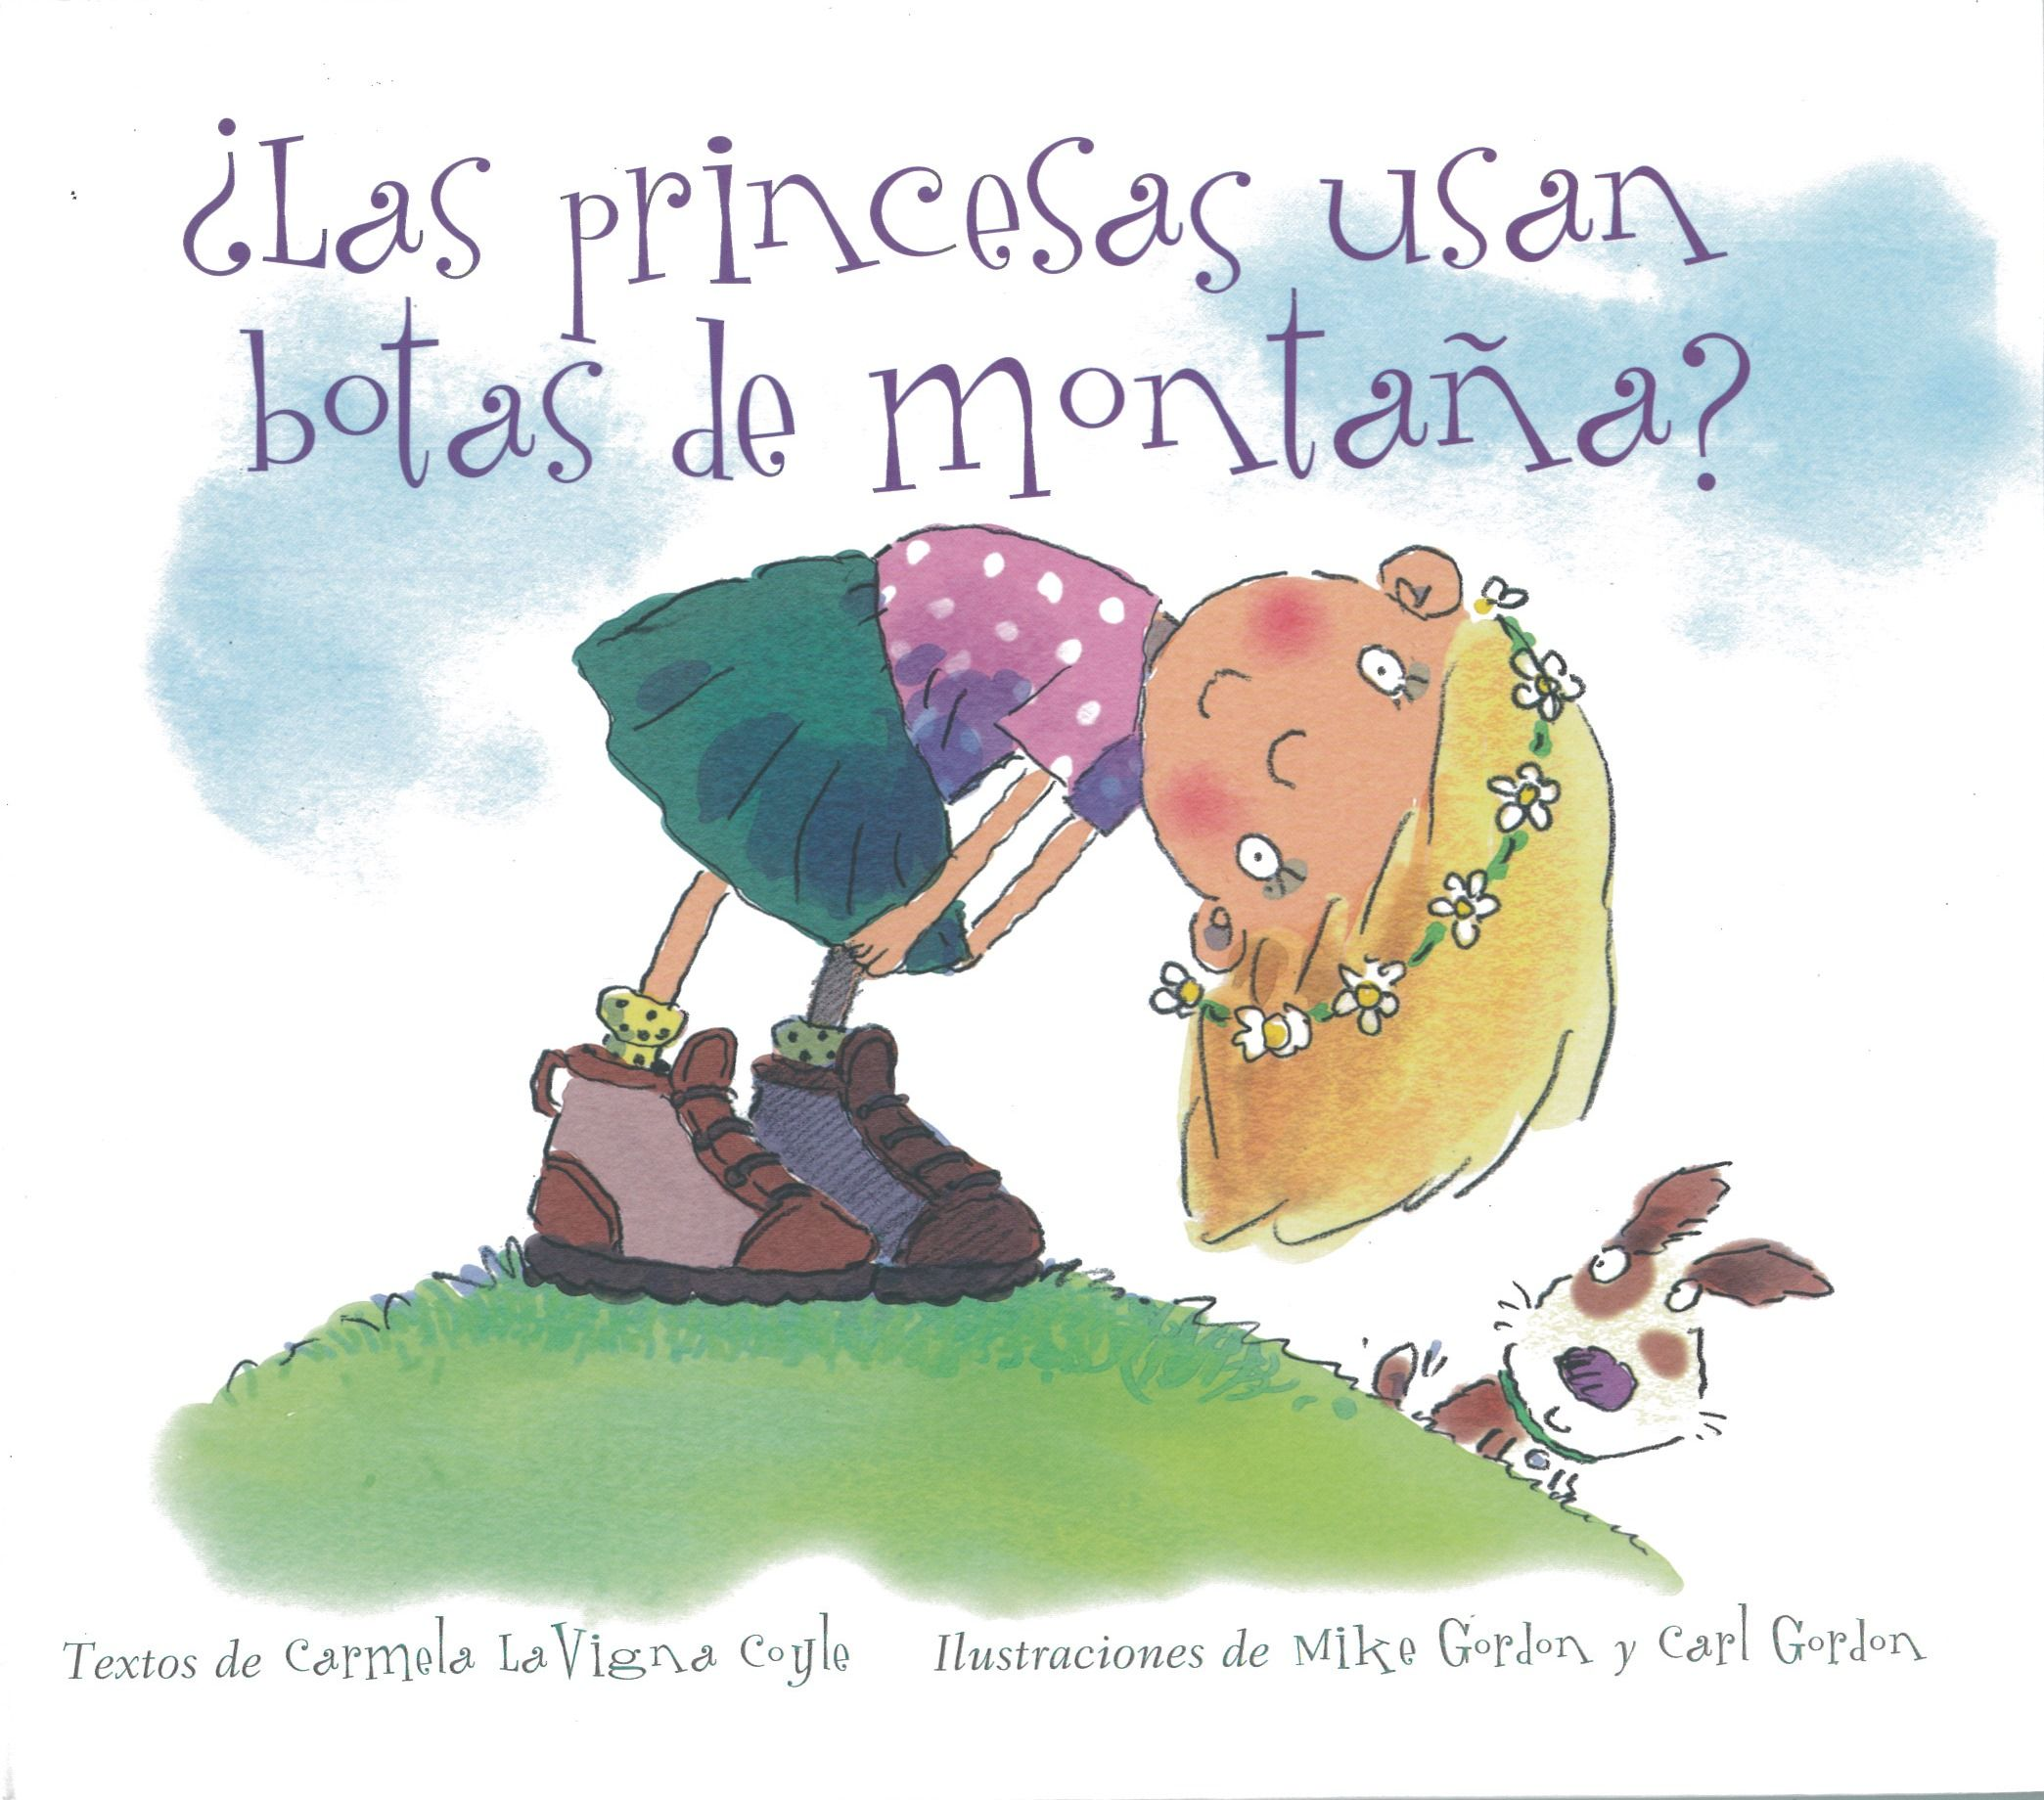 Todas las niñas curiosas se preguntan cómo es eso de ser una auténtica princesa. En el interior de ¿Las princesas usan botas de montaña? hay una niña enérgica, moderna y llena de vida que tiene muchas preguntas que hacer a su madre.  Carmela La Vigna: ¿Las princesas usas botas de montaña? (Obelisco)